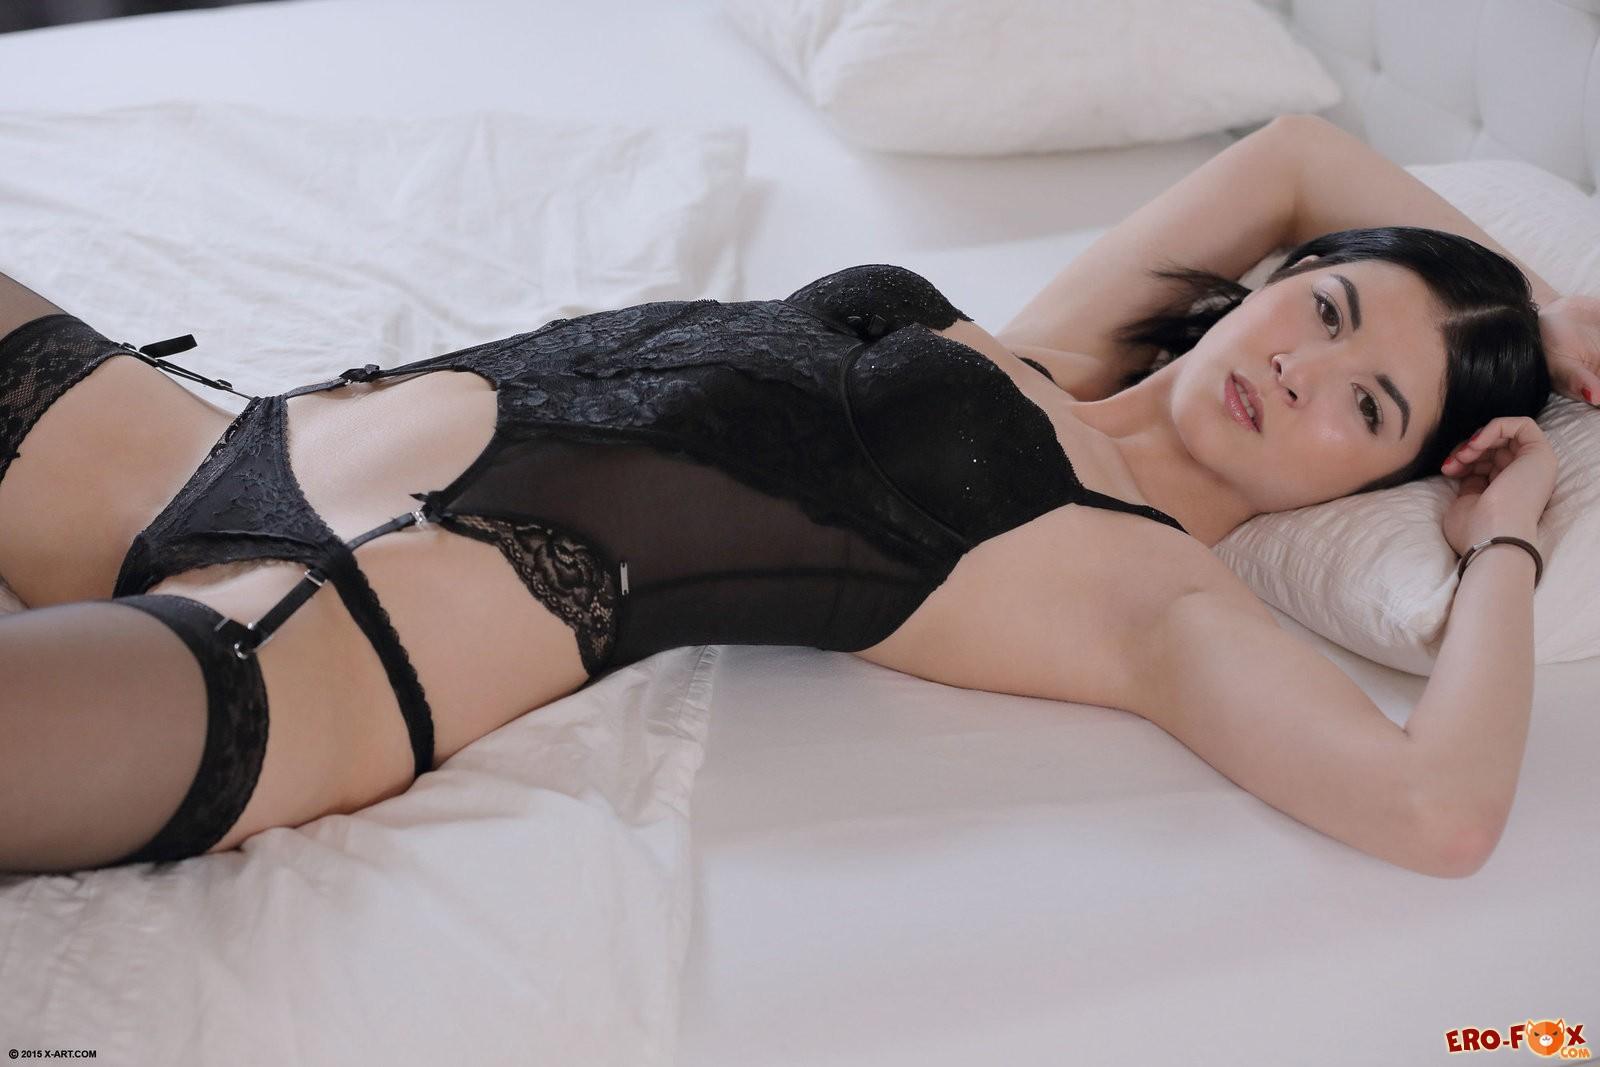 Азиатка в чулках сняла трусики в постели